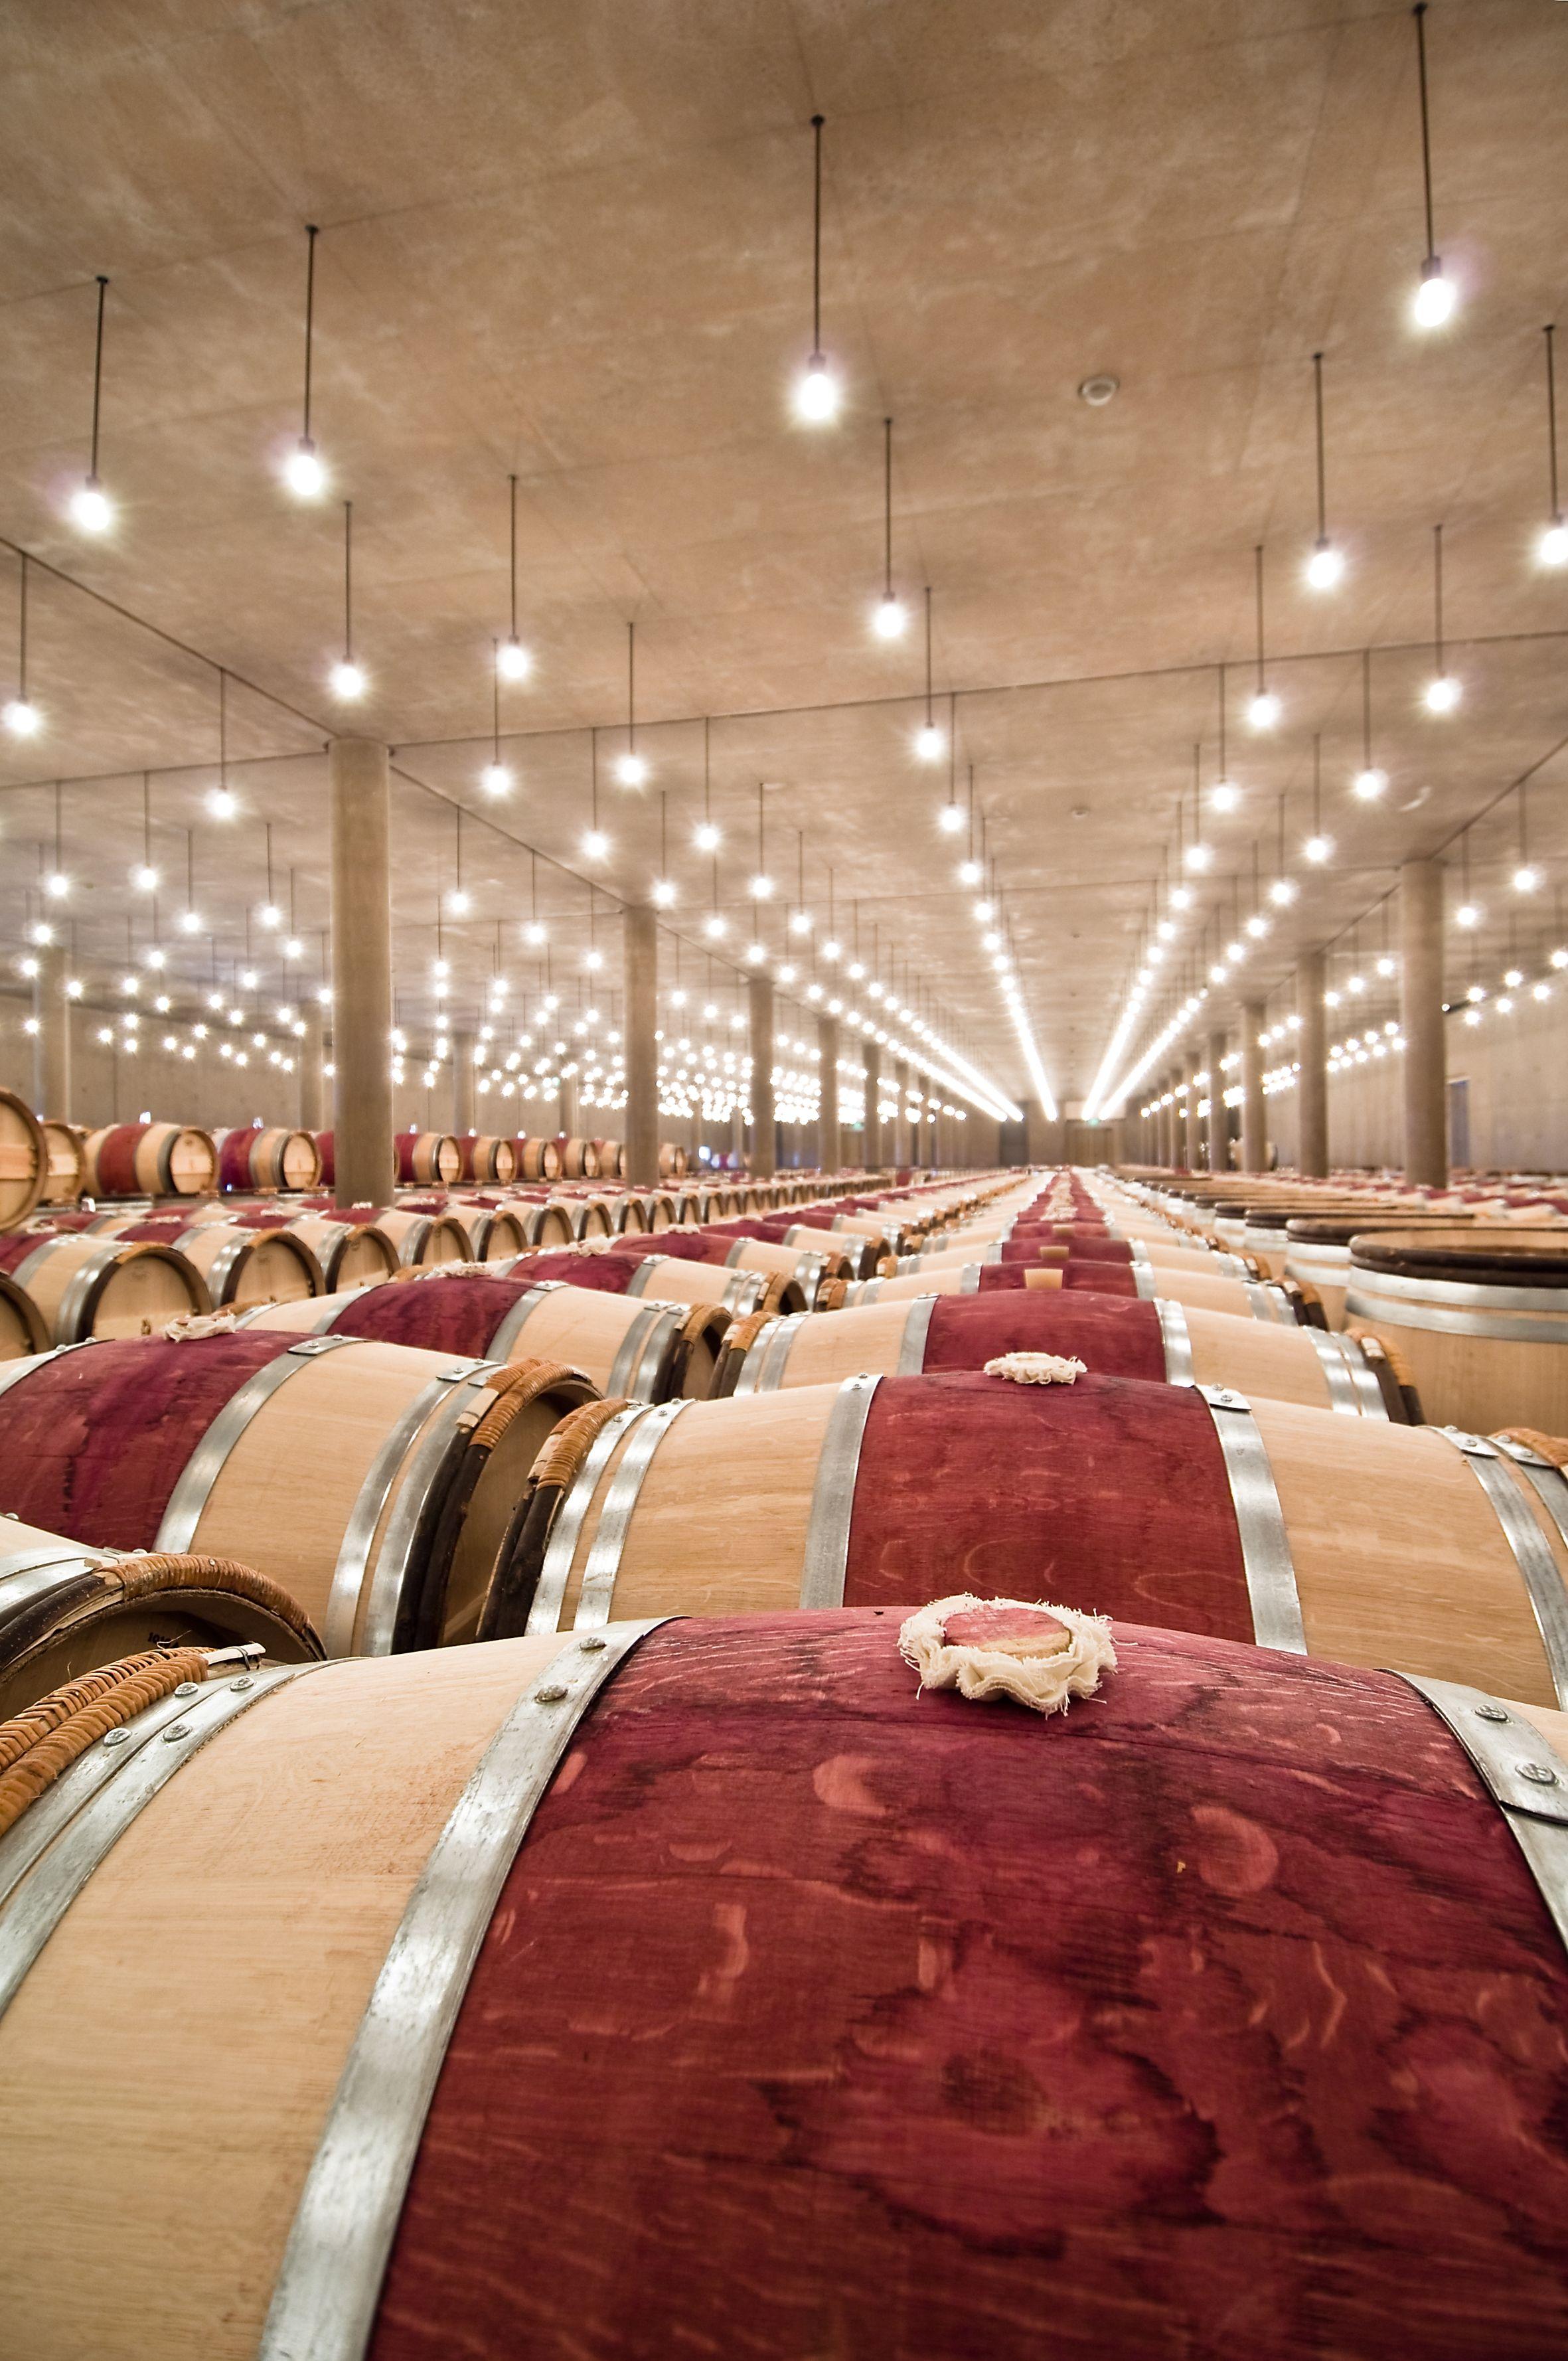 Weinkeller Winecellar Bordeaux Bordeauxwein Weinfass Weinfasser Bordeaux Wein Weinland Weinkeller